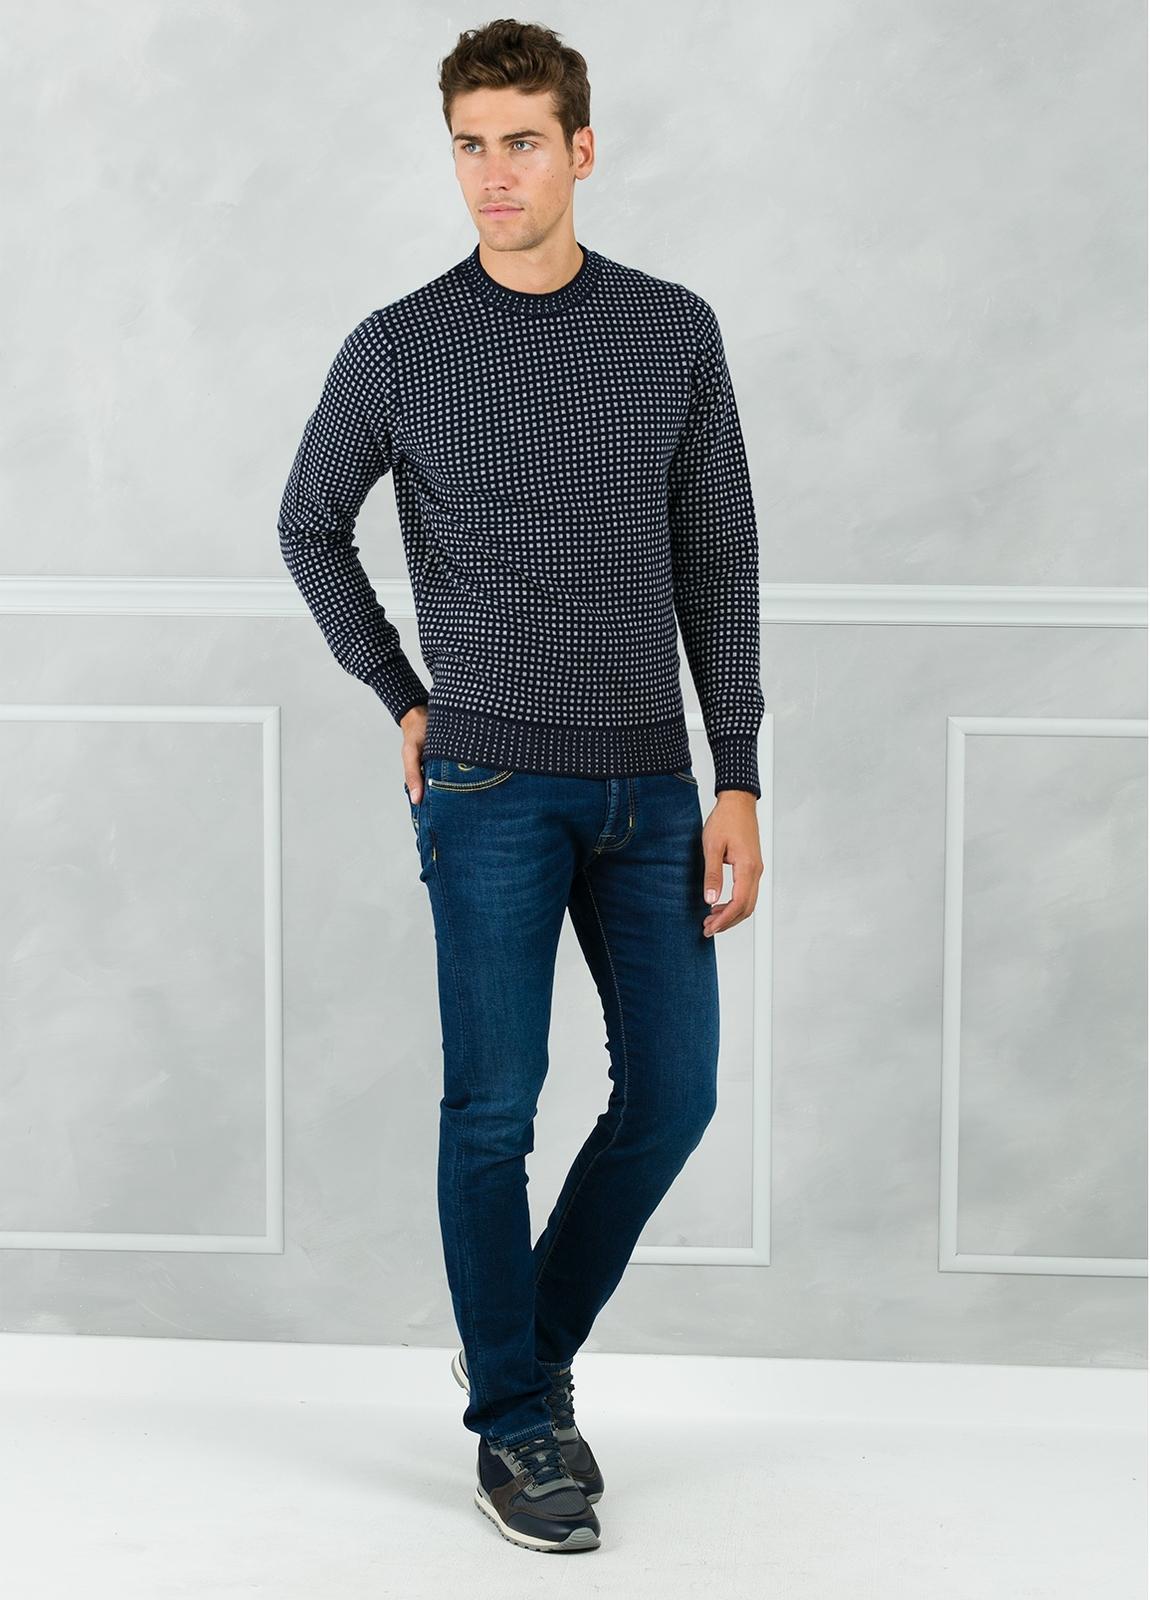 Jersey cuello redondo con dibujo, color azul marino. 45% Lana 25% Viscosa 25% Nylon 5% Cashmere.